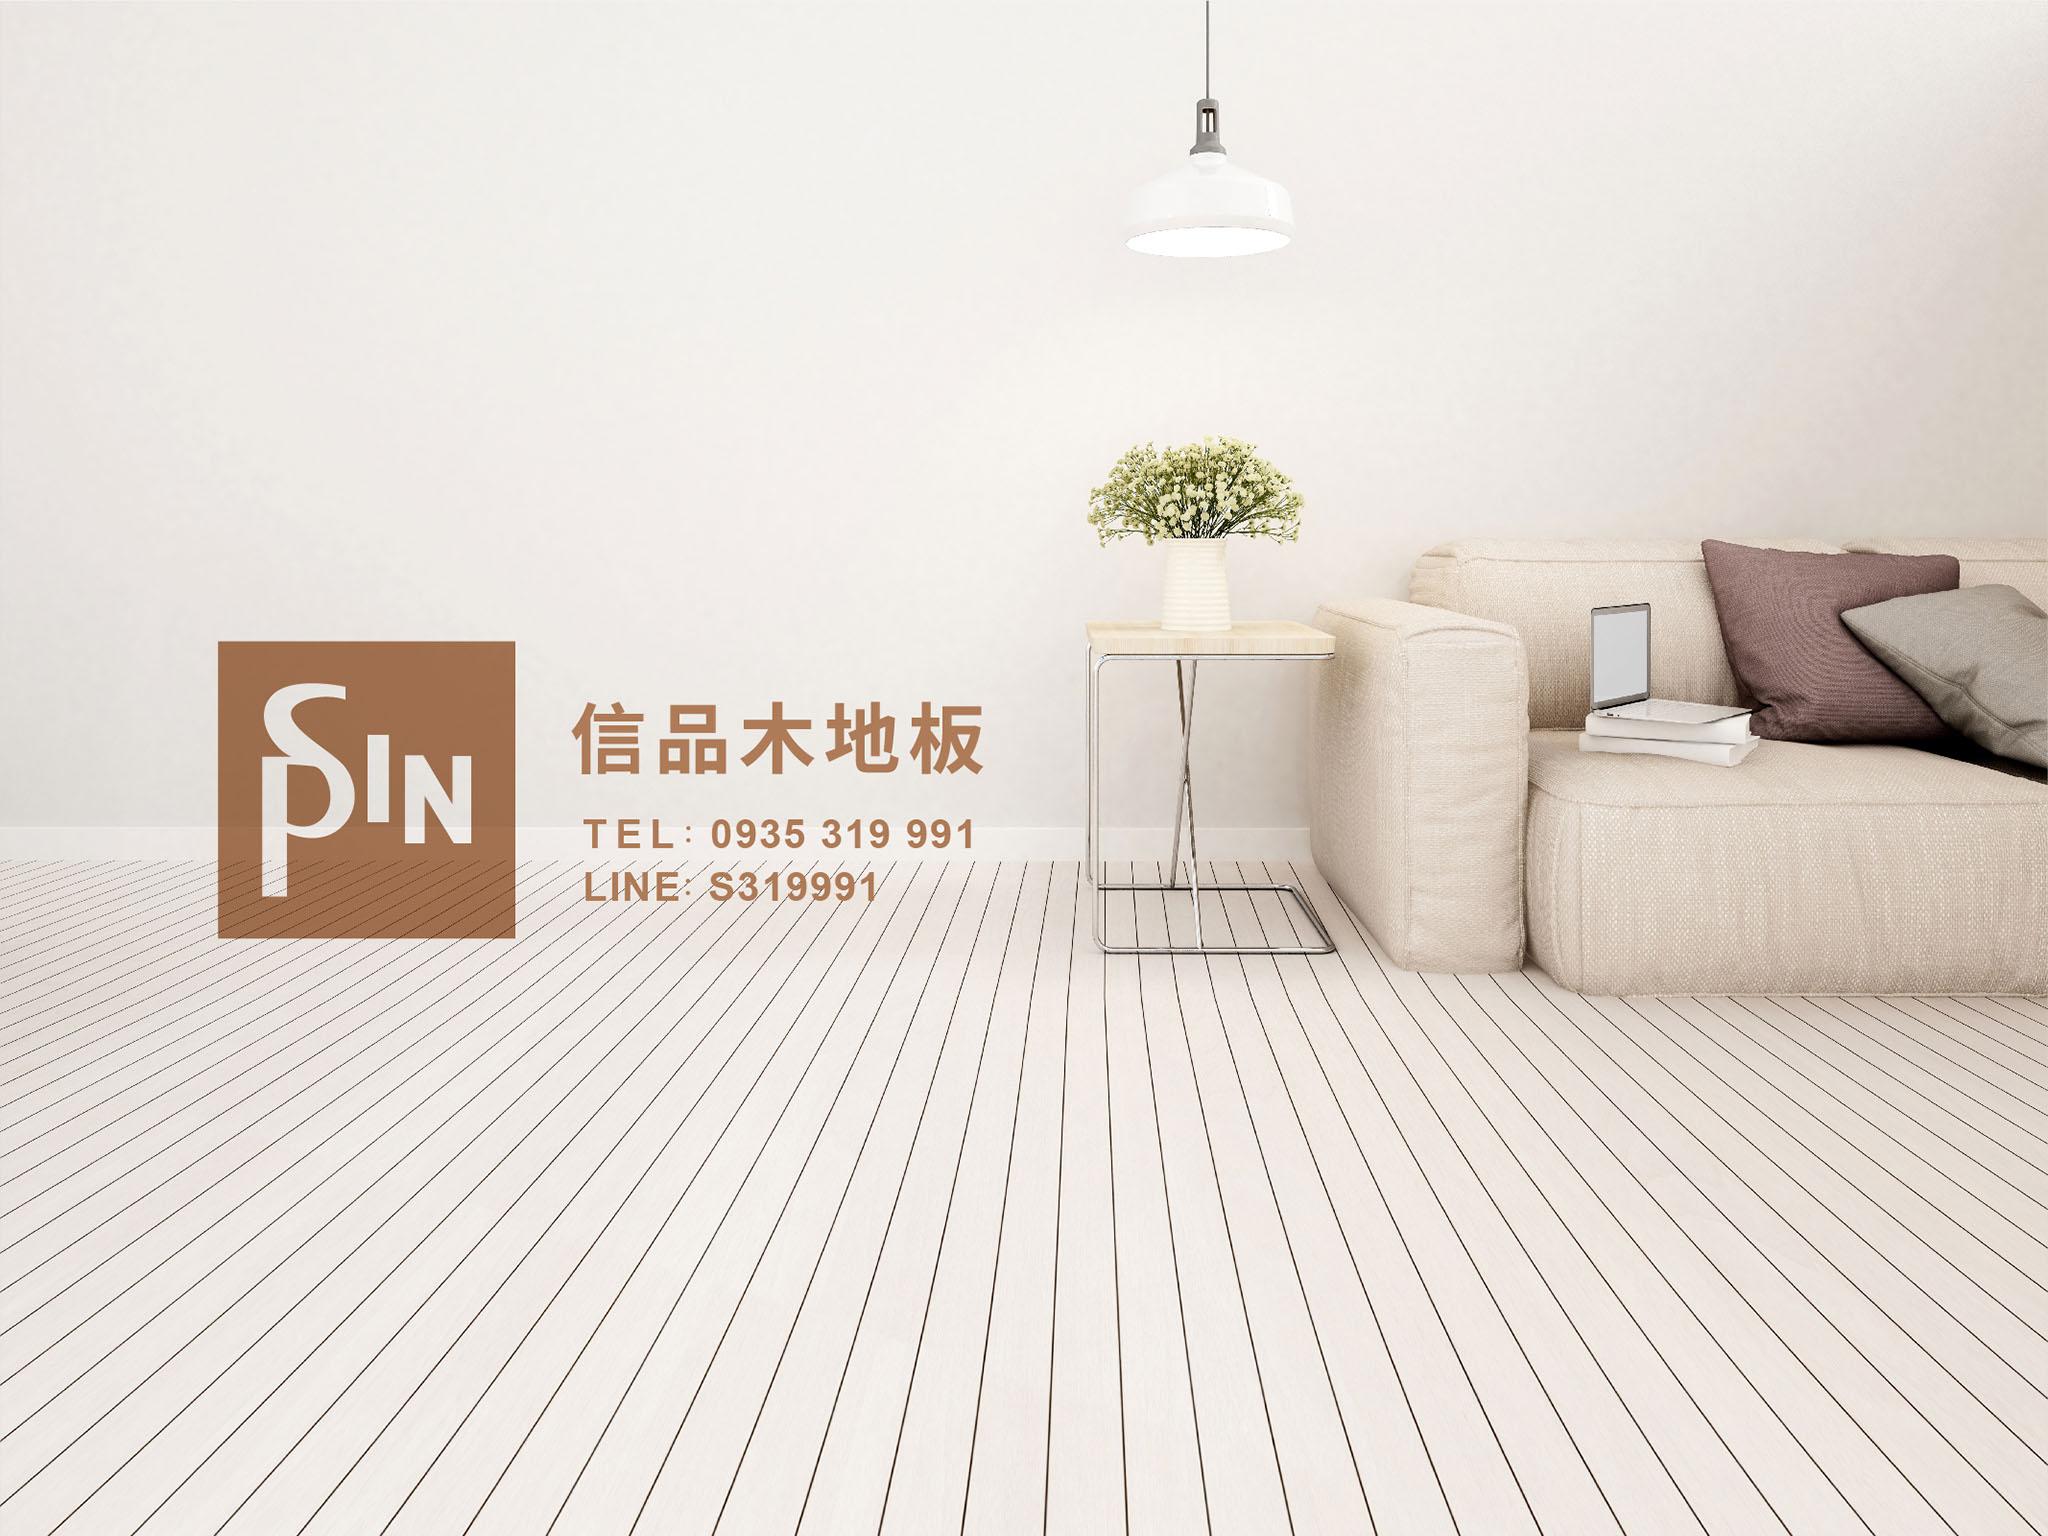 室內施工學問大 達人揭露木地板顯學  打造宅男宅女居家好環境